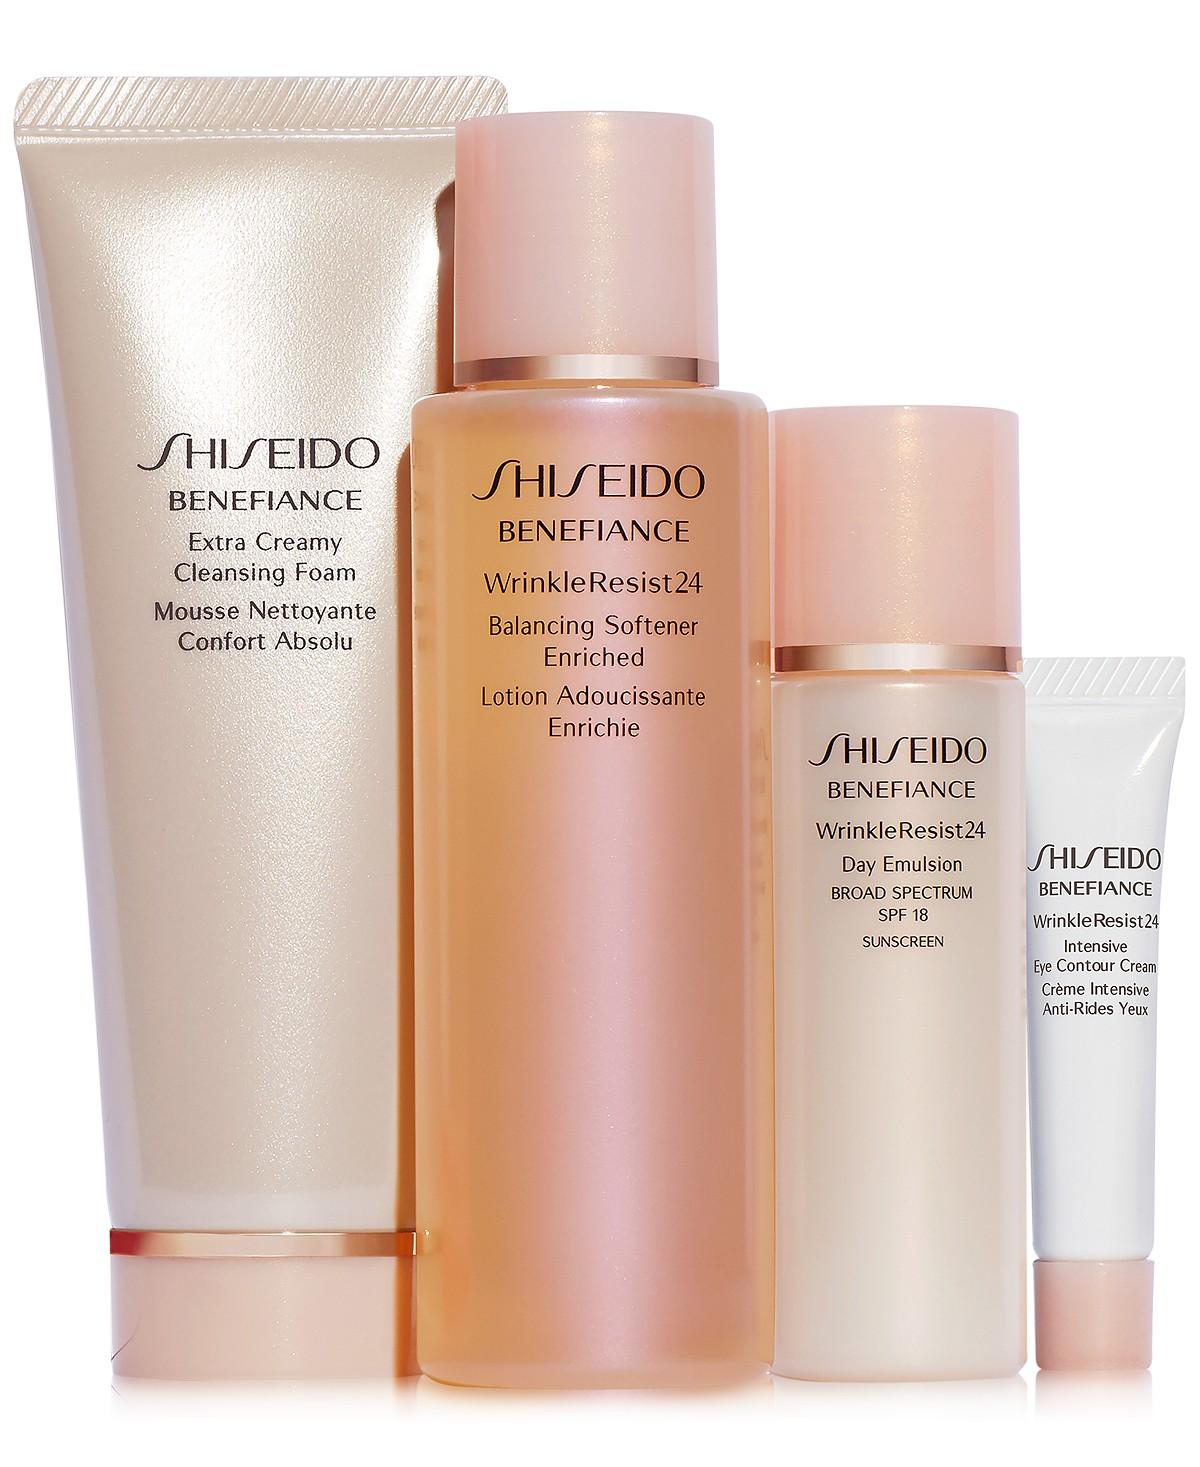 上新!适合轻熟龄肌肤Shiseido 奢华4件套!